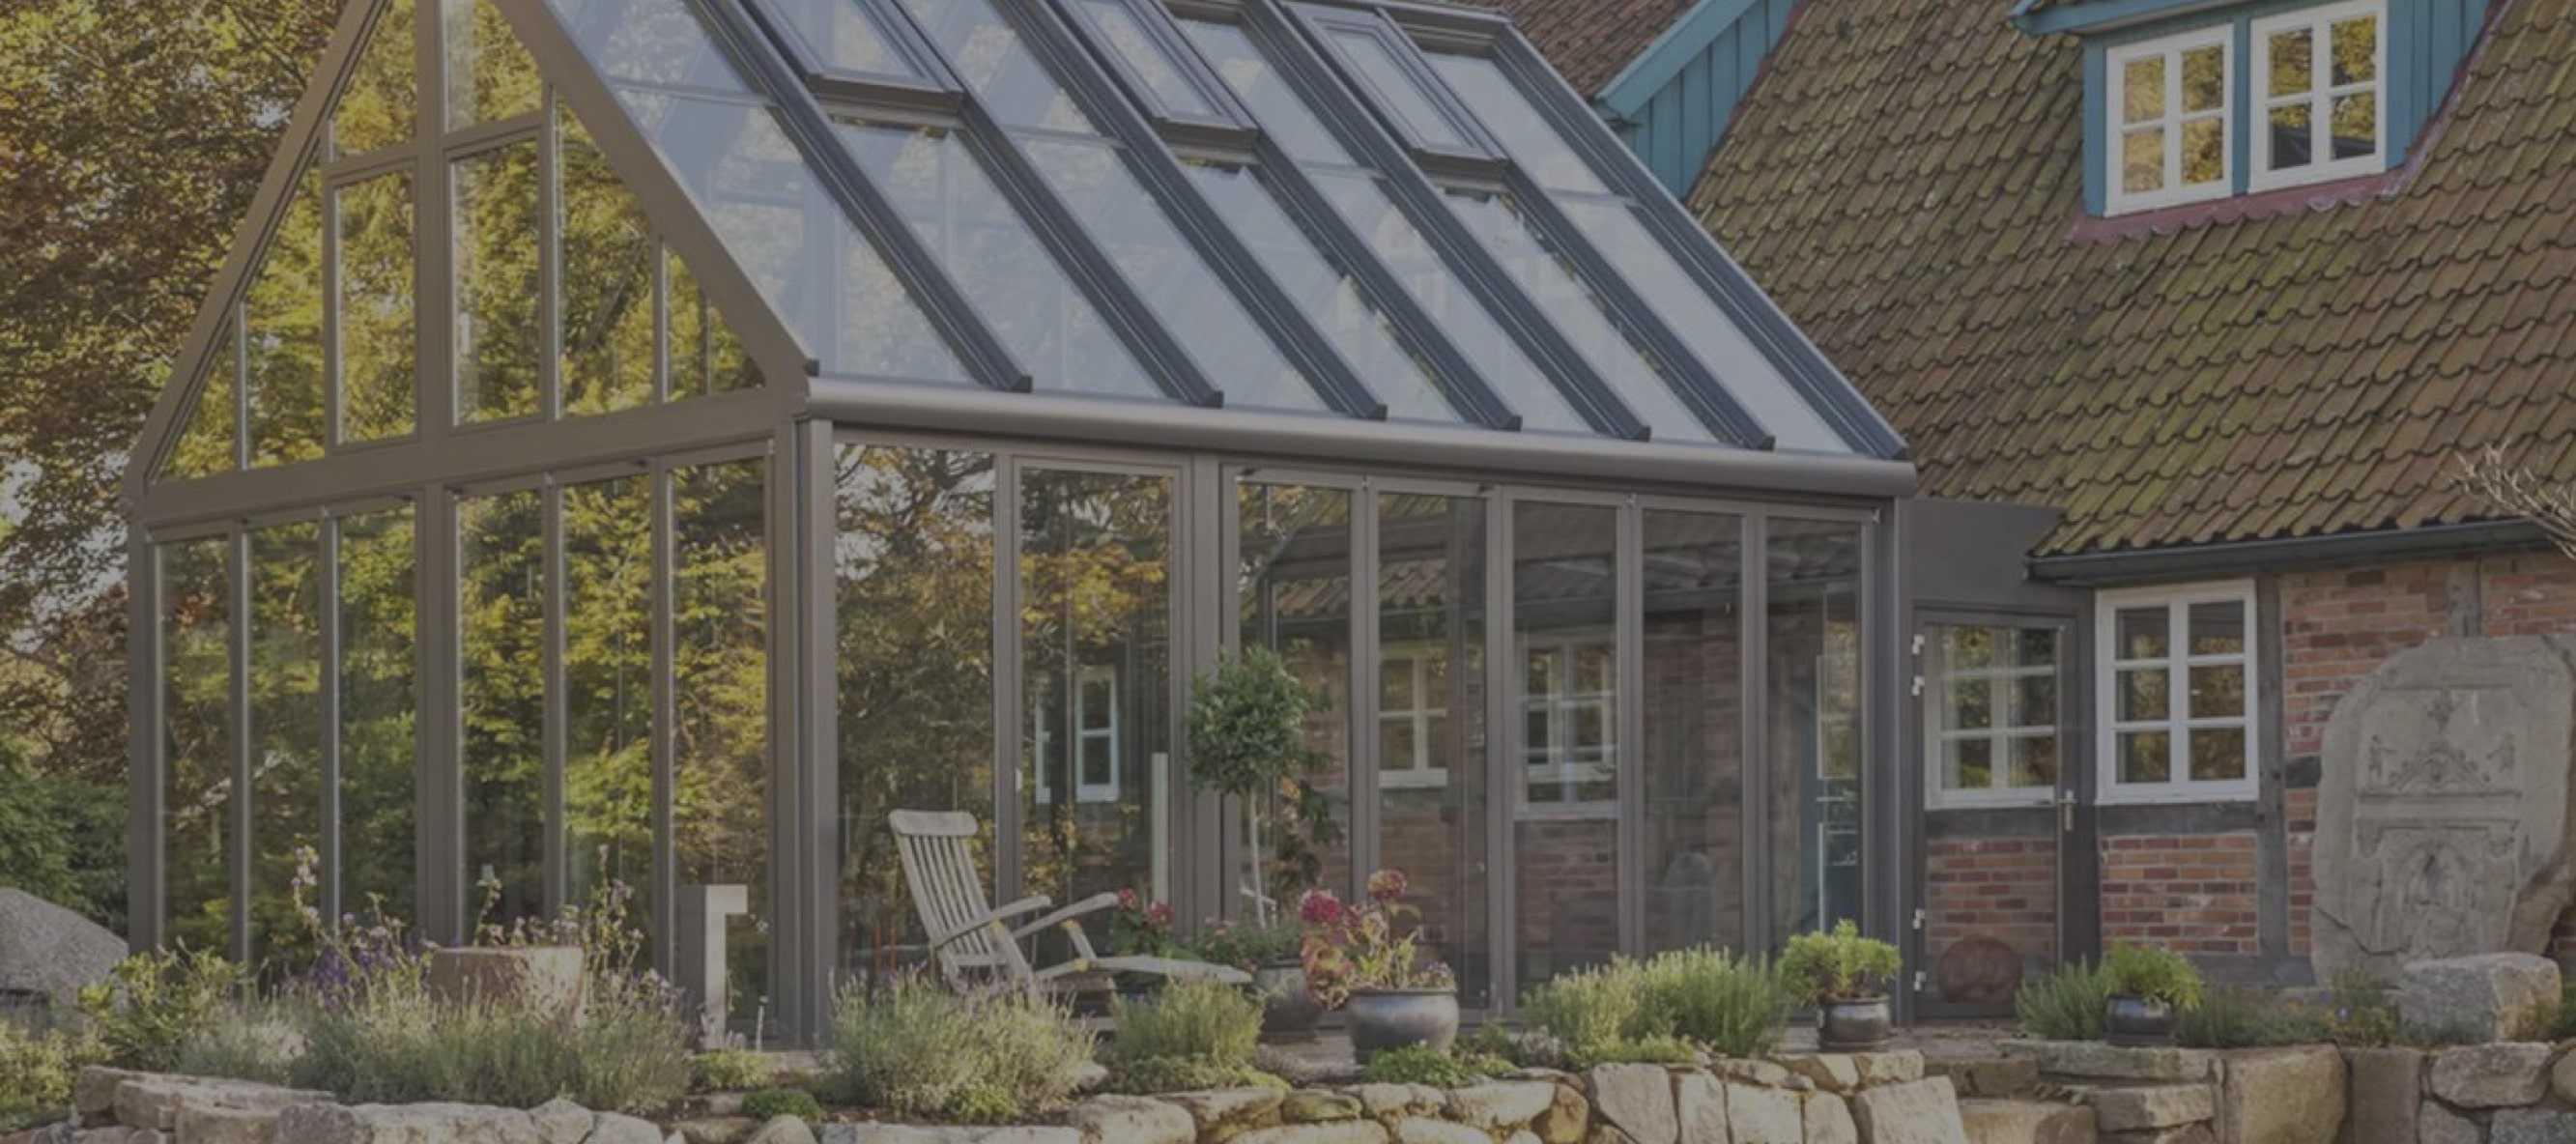 Jardines de invierno de solarlux cerramientos t27 for Jardines de invierno cerramientos